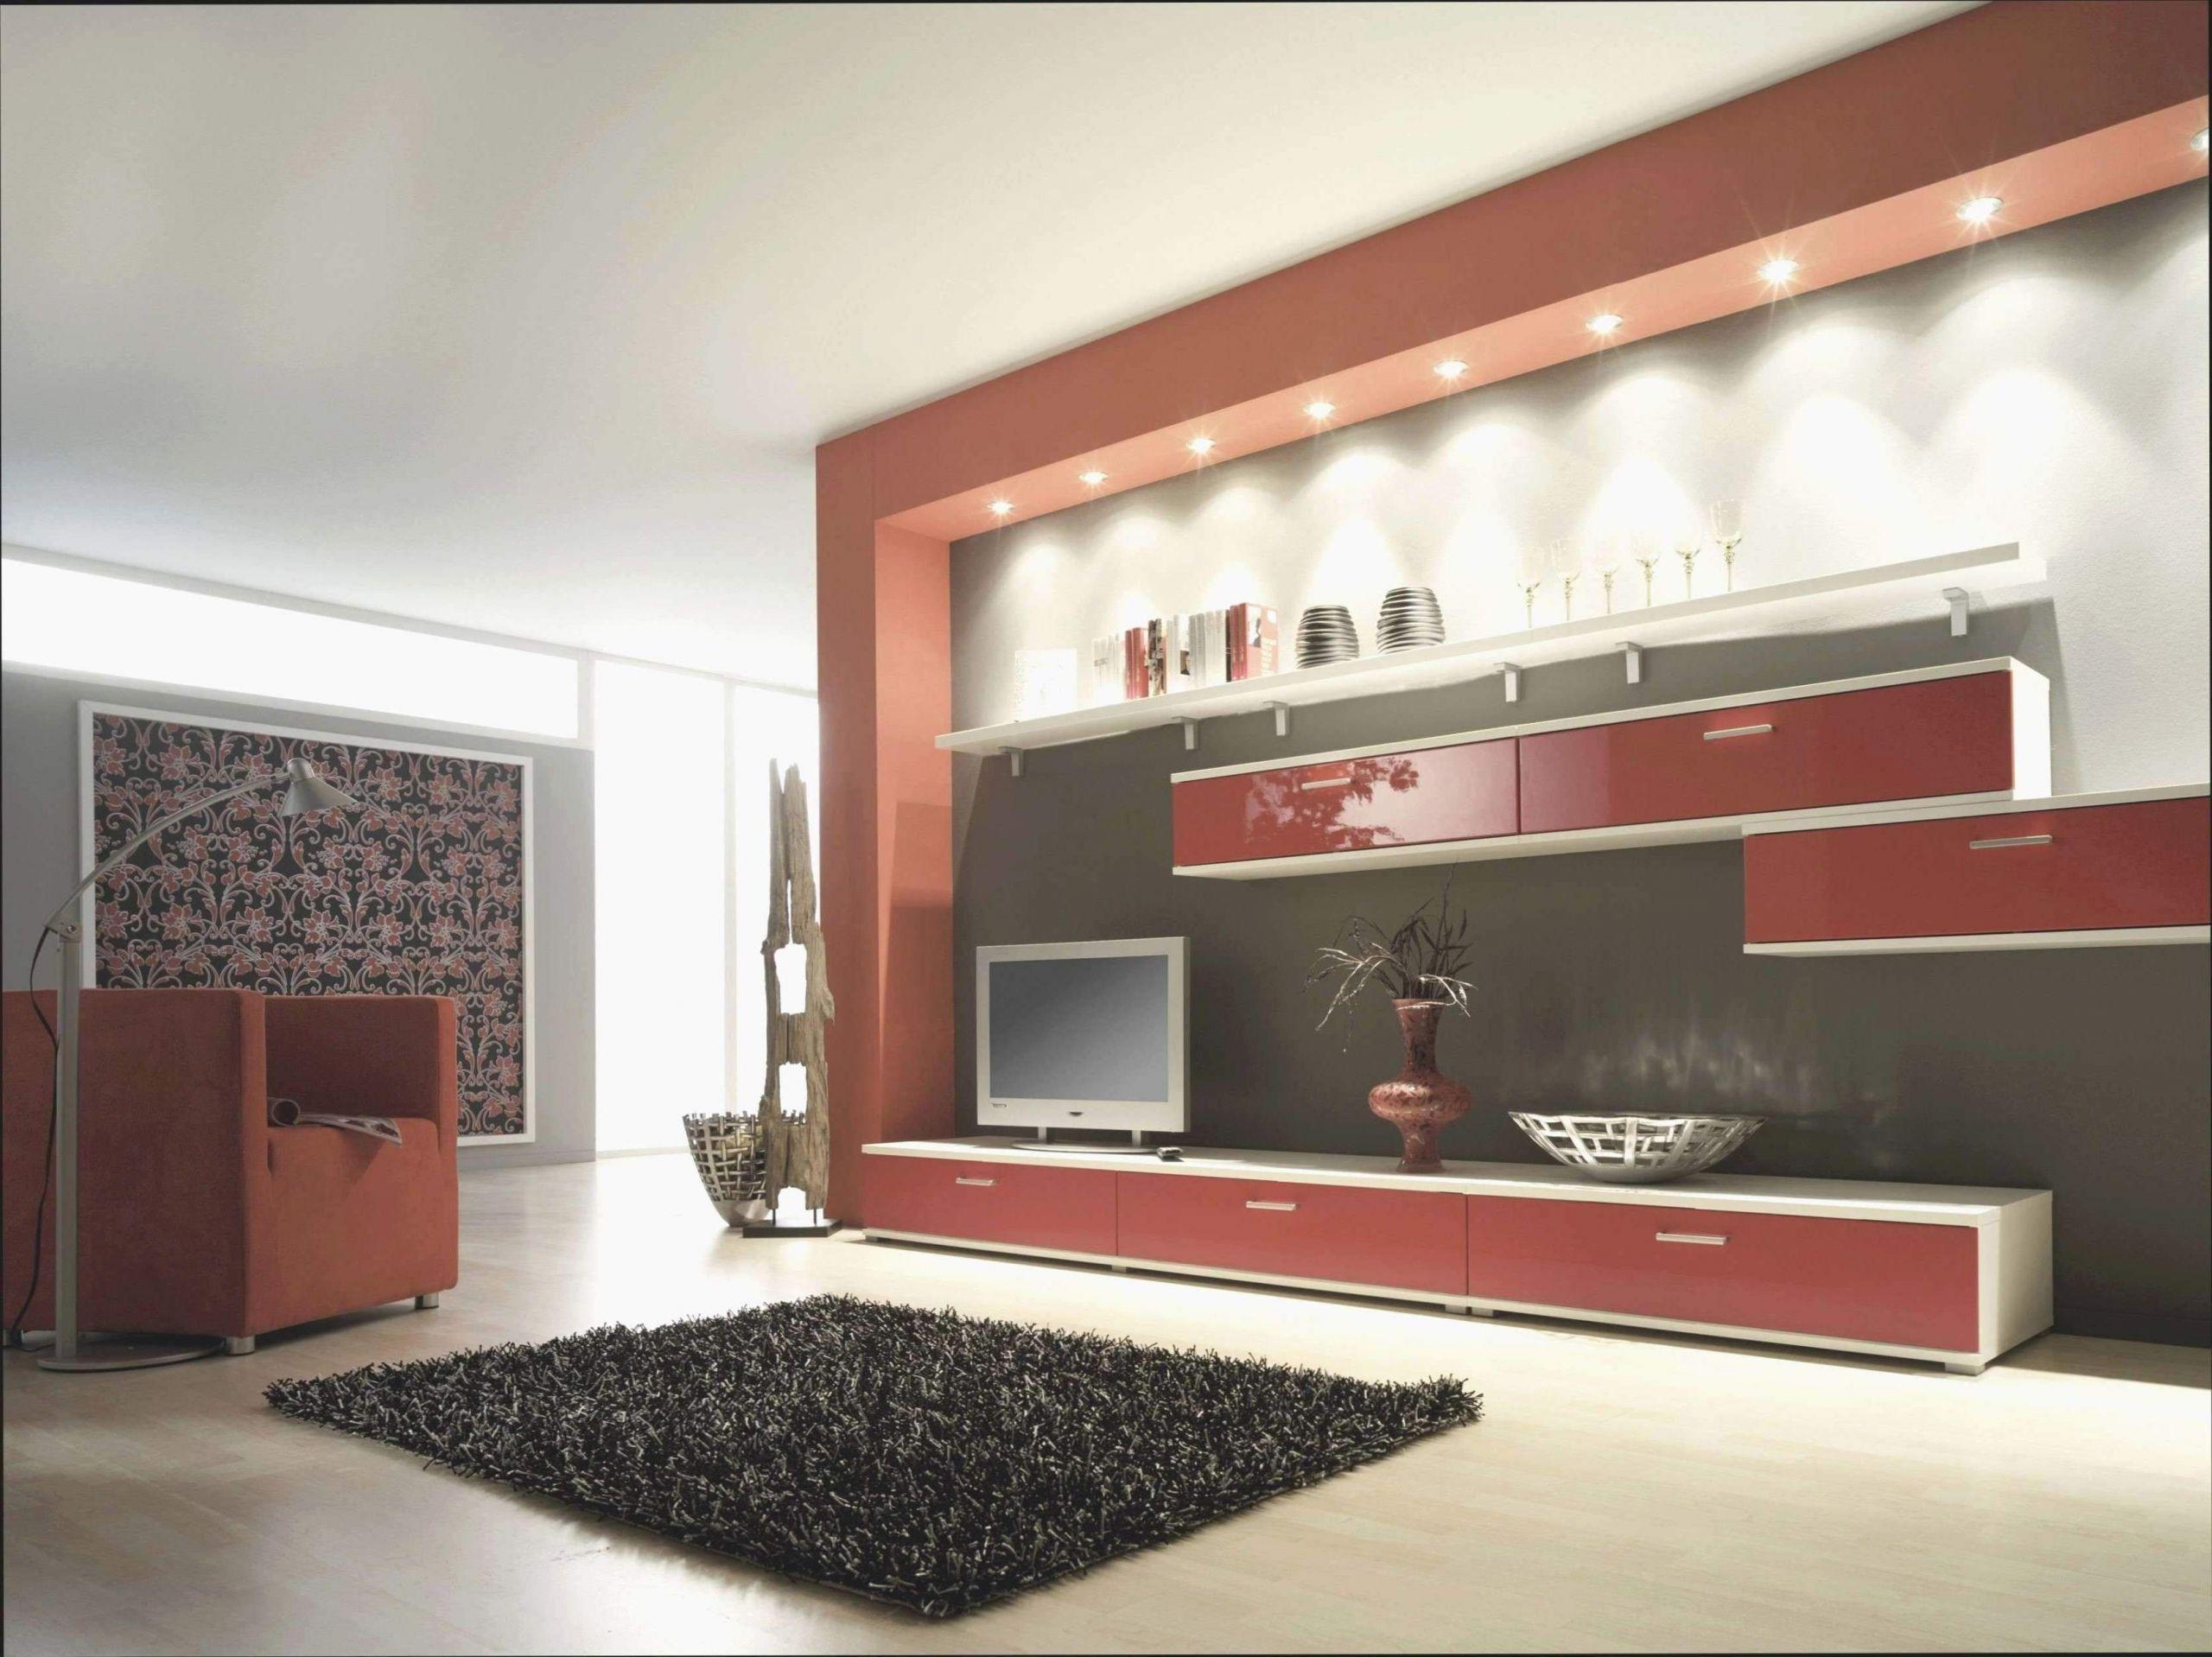 dachgeschoss wohnzimmer neu steinwand wohnzimmer selber machen schon deko ideen of dachgeschoss wohnzimmer